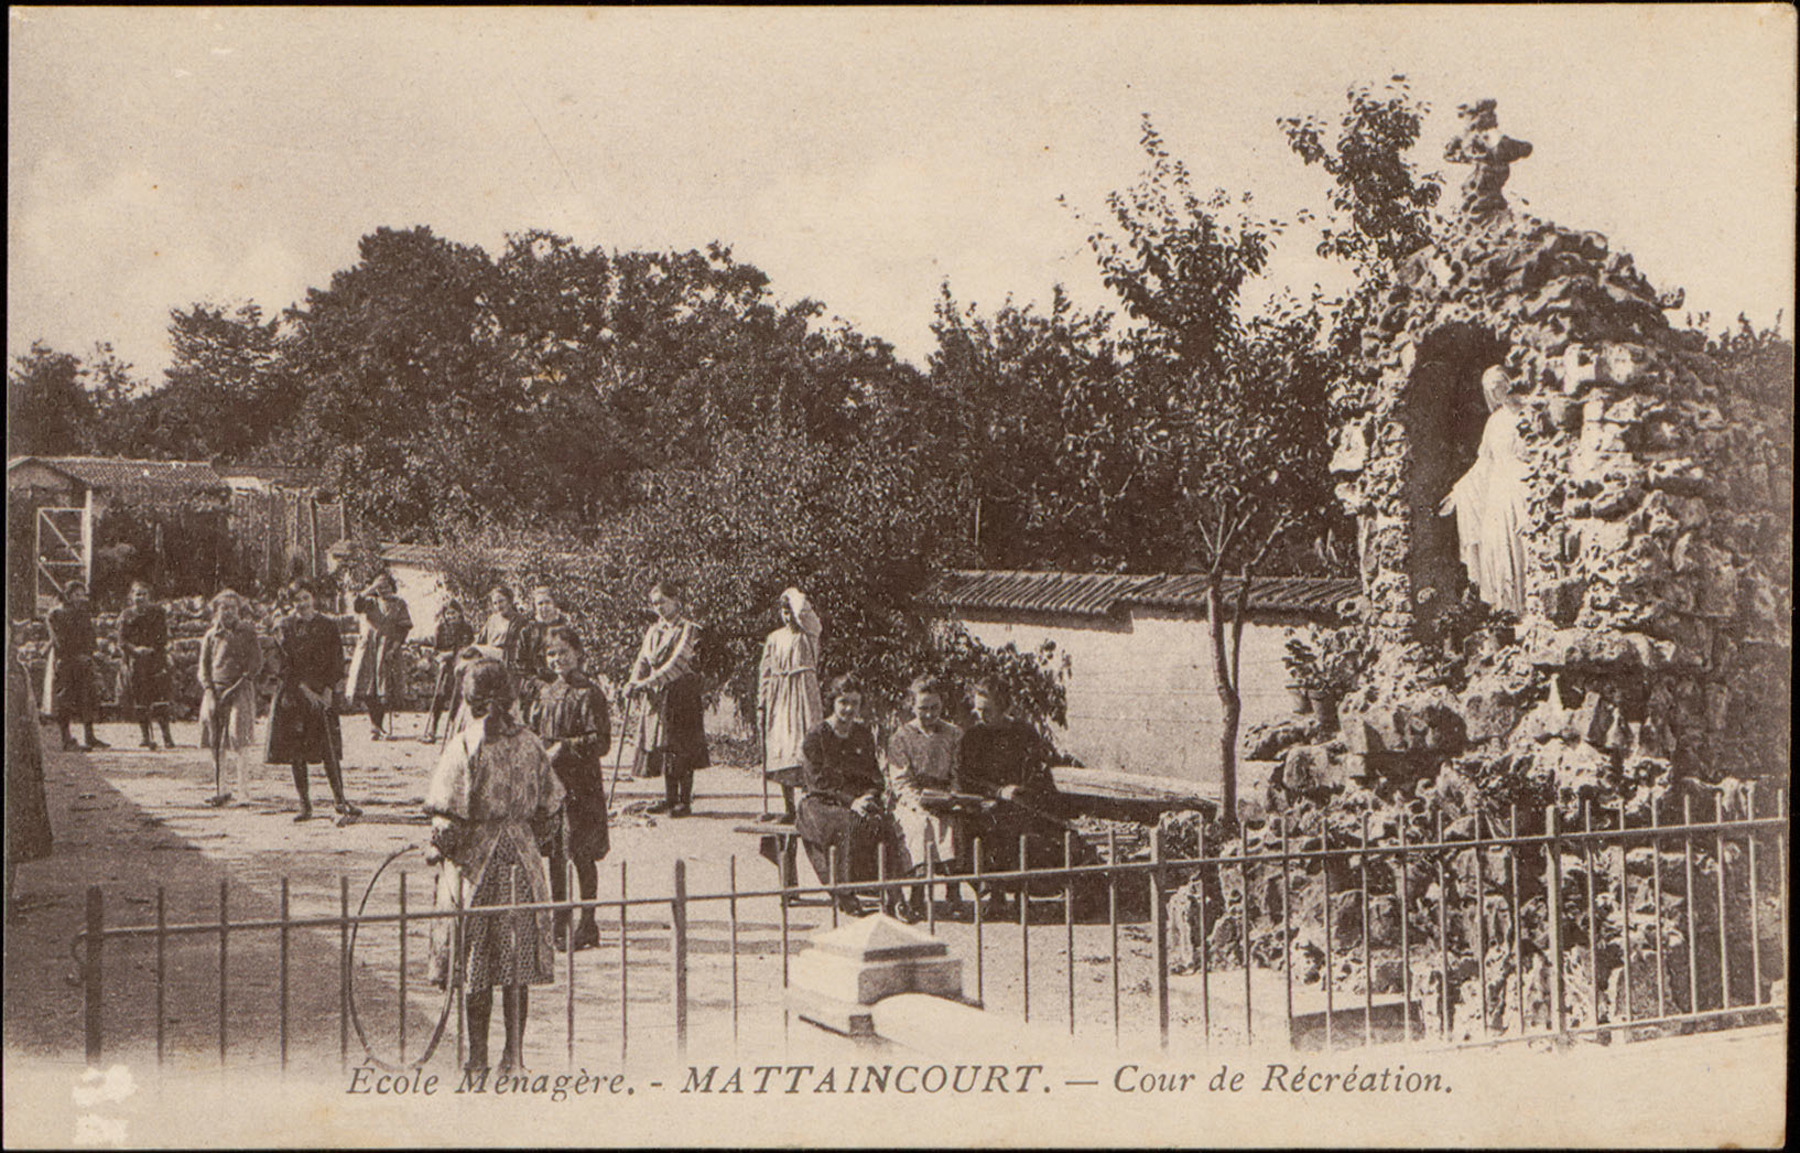 Contenu du École Ménagère, Mattaincourt